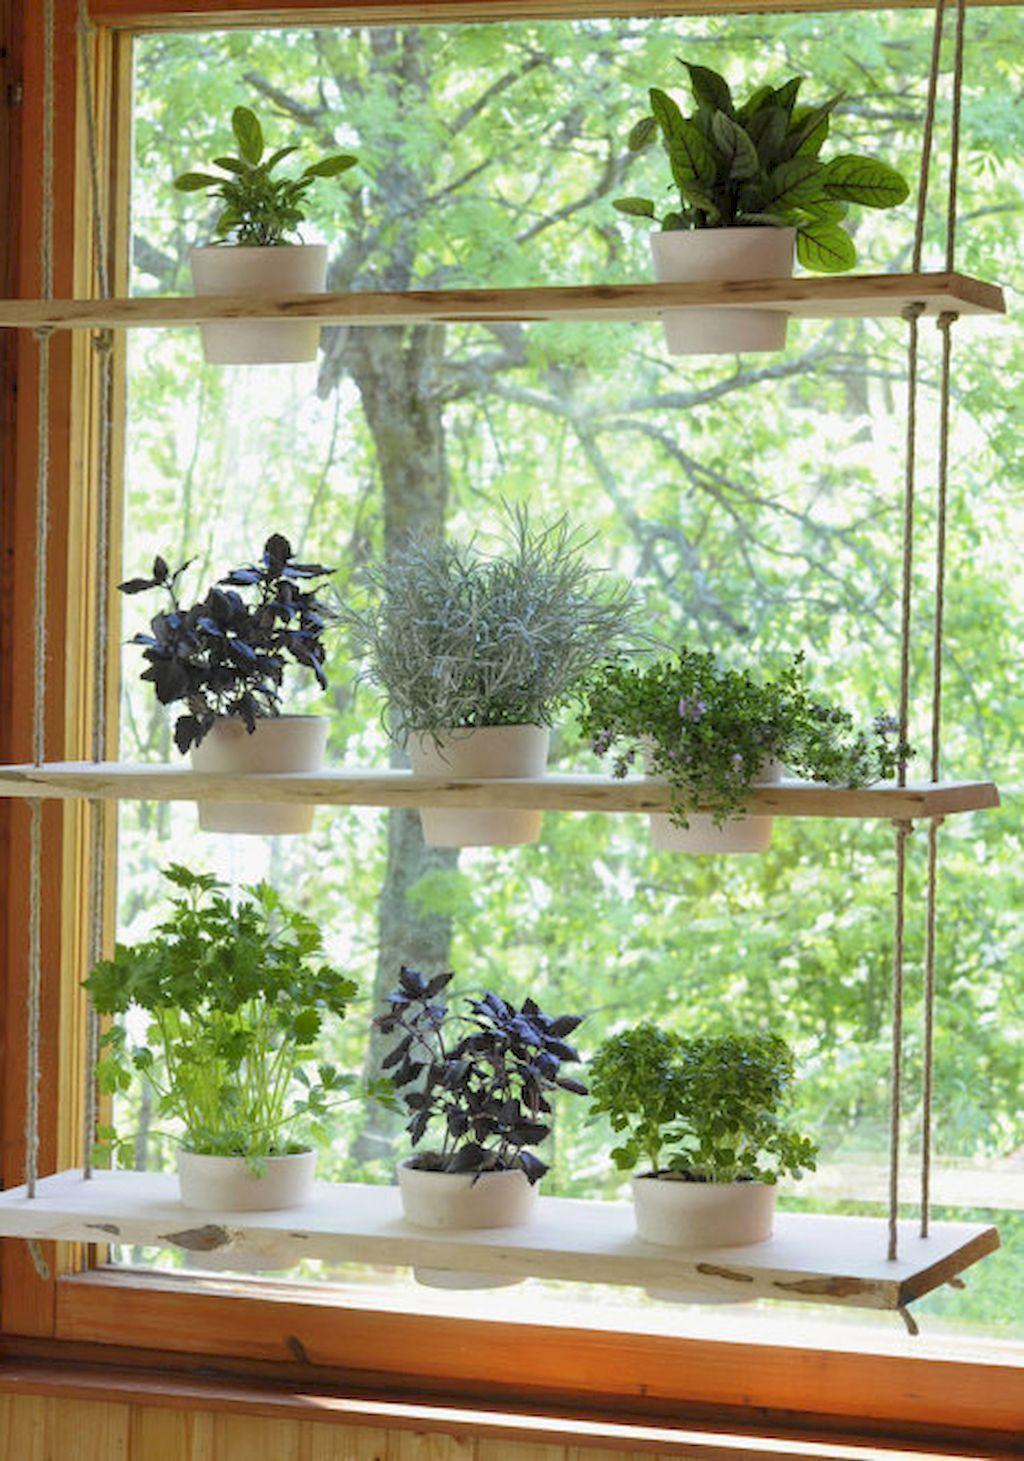 Best 100 Beautiful Kitchen Window Design Ideas 22 Herb 400 x 300